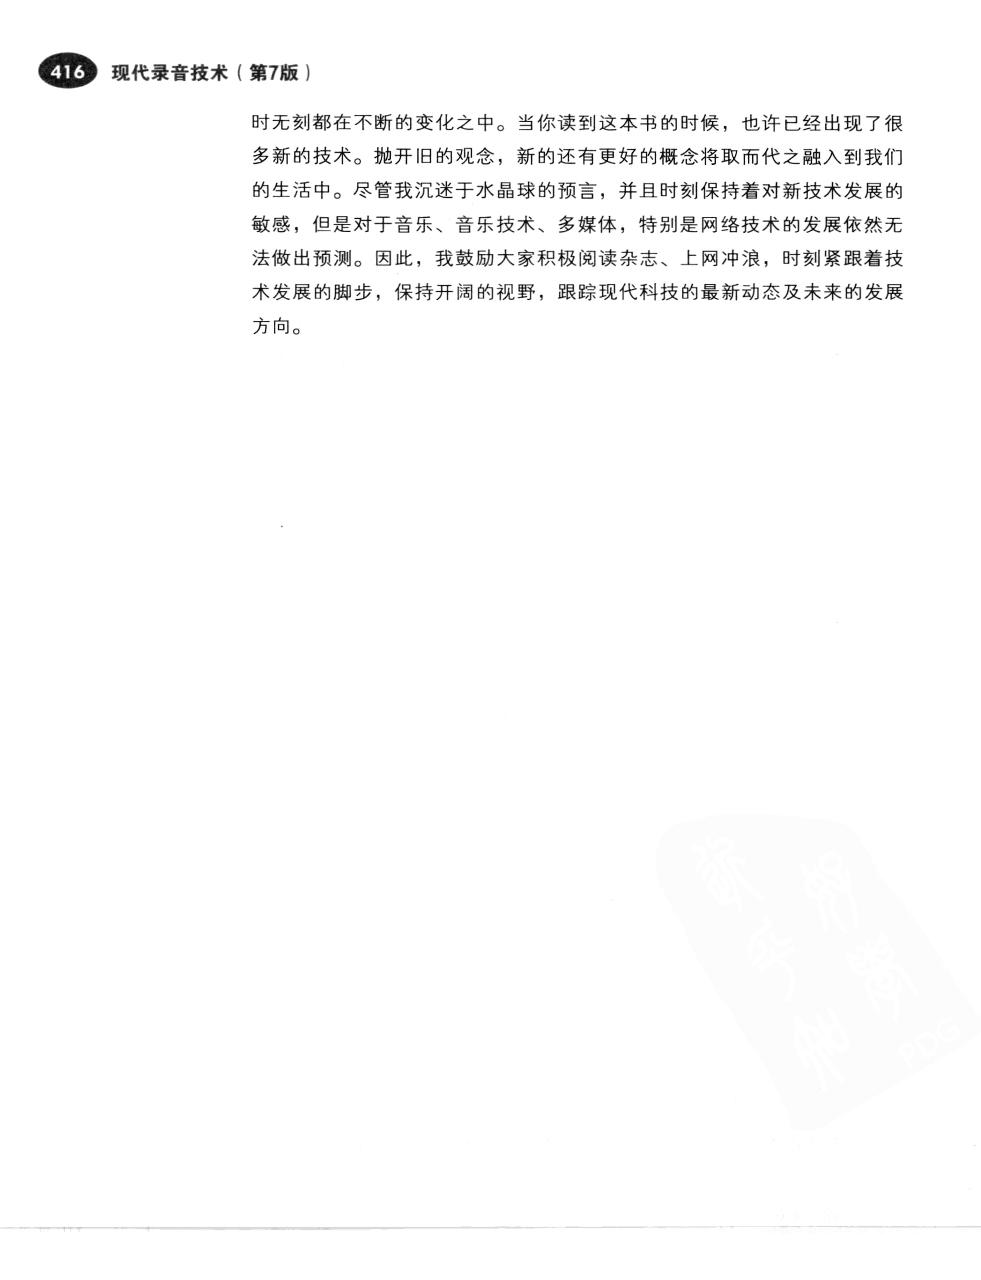 现代录音技术(第7版) 443